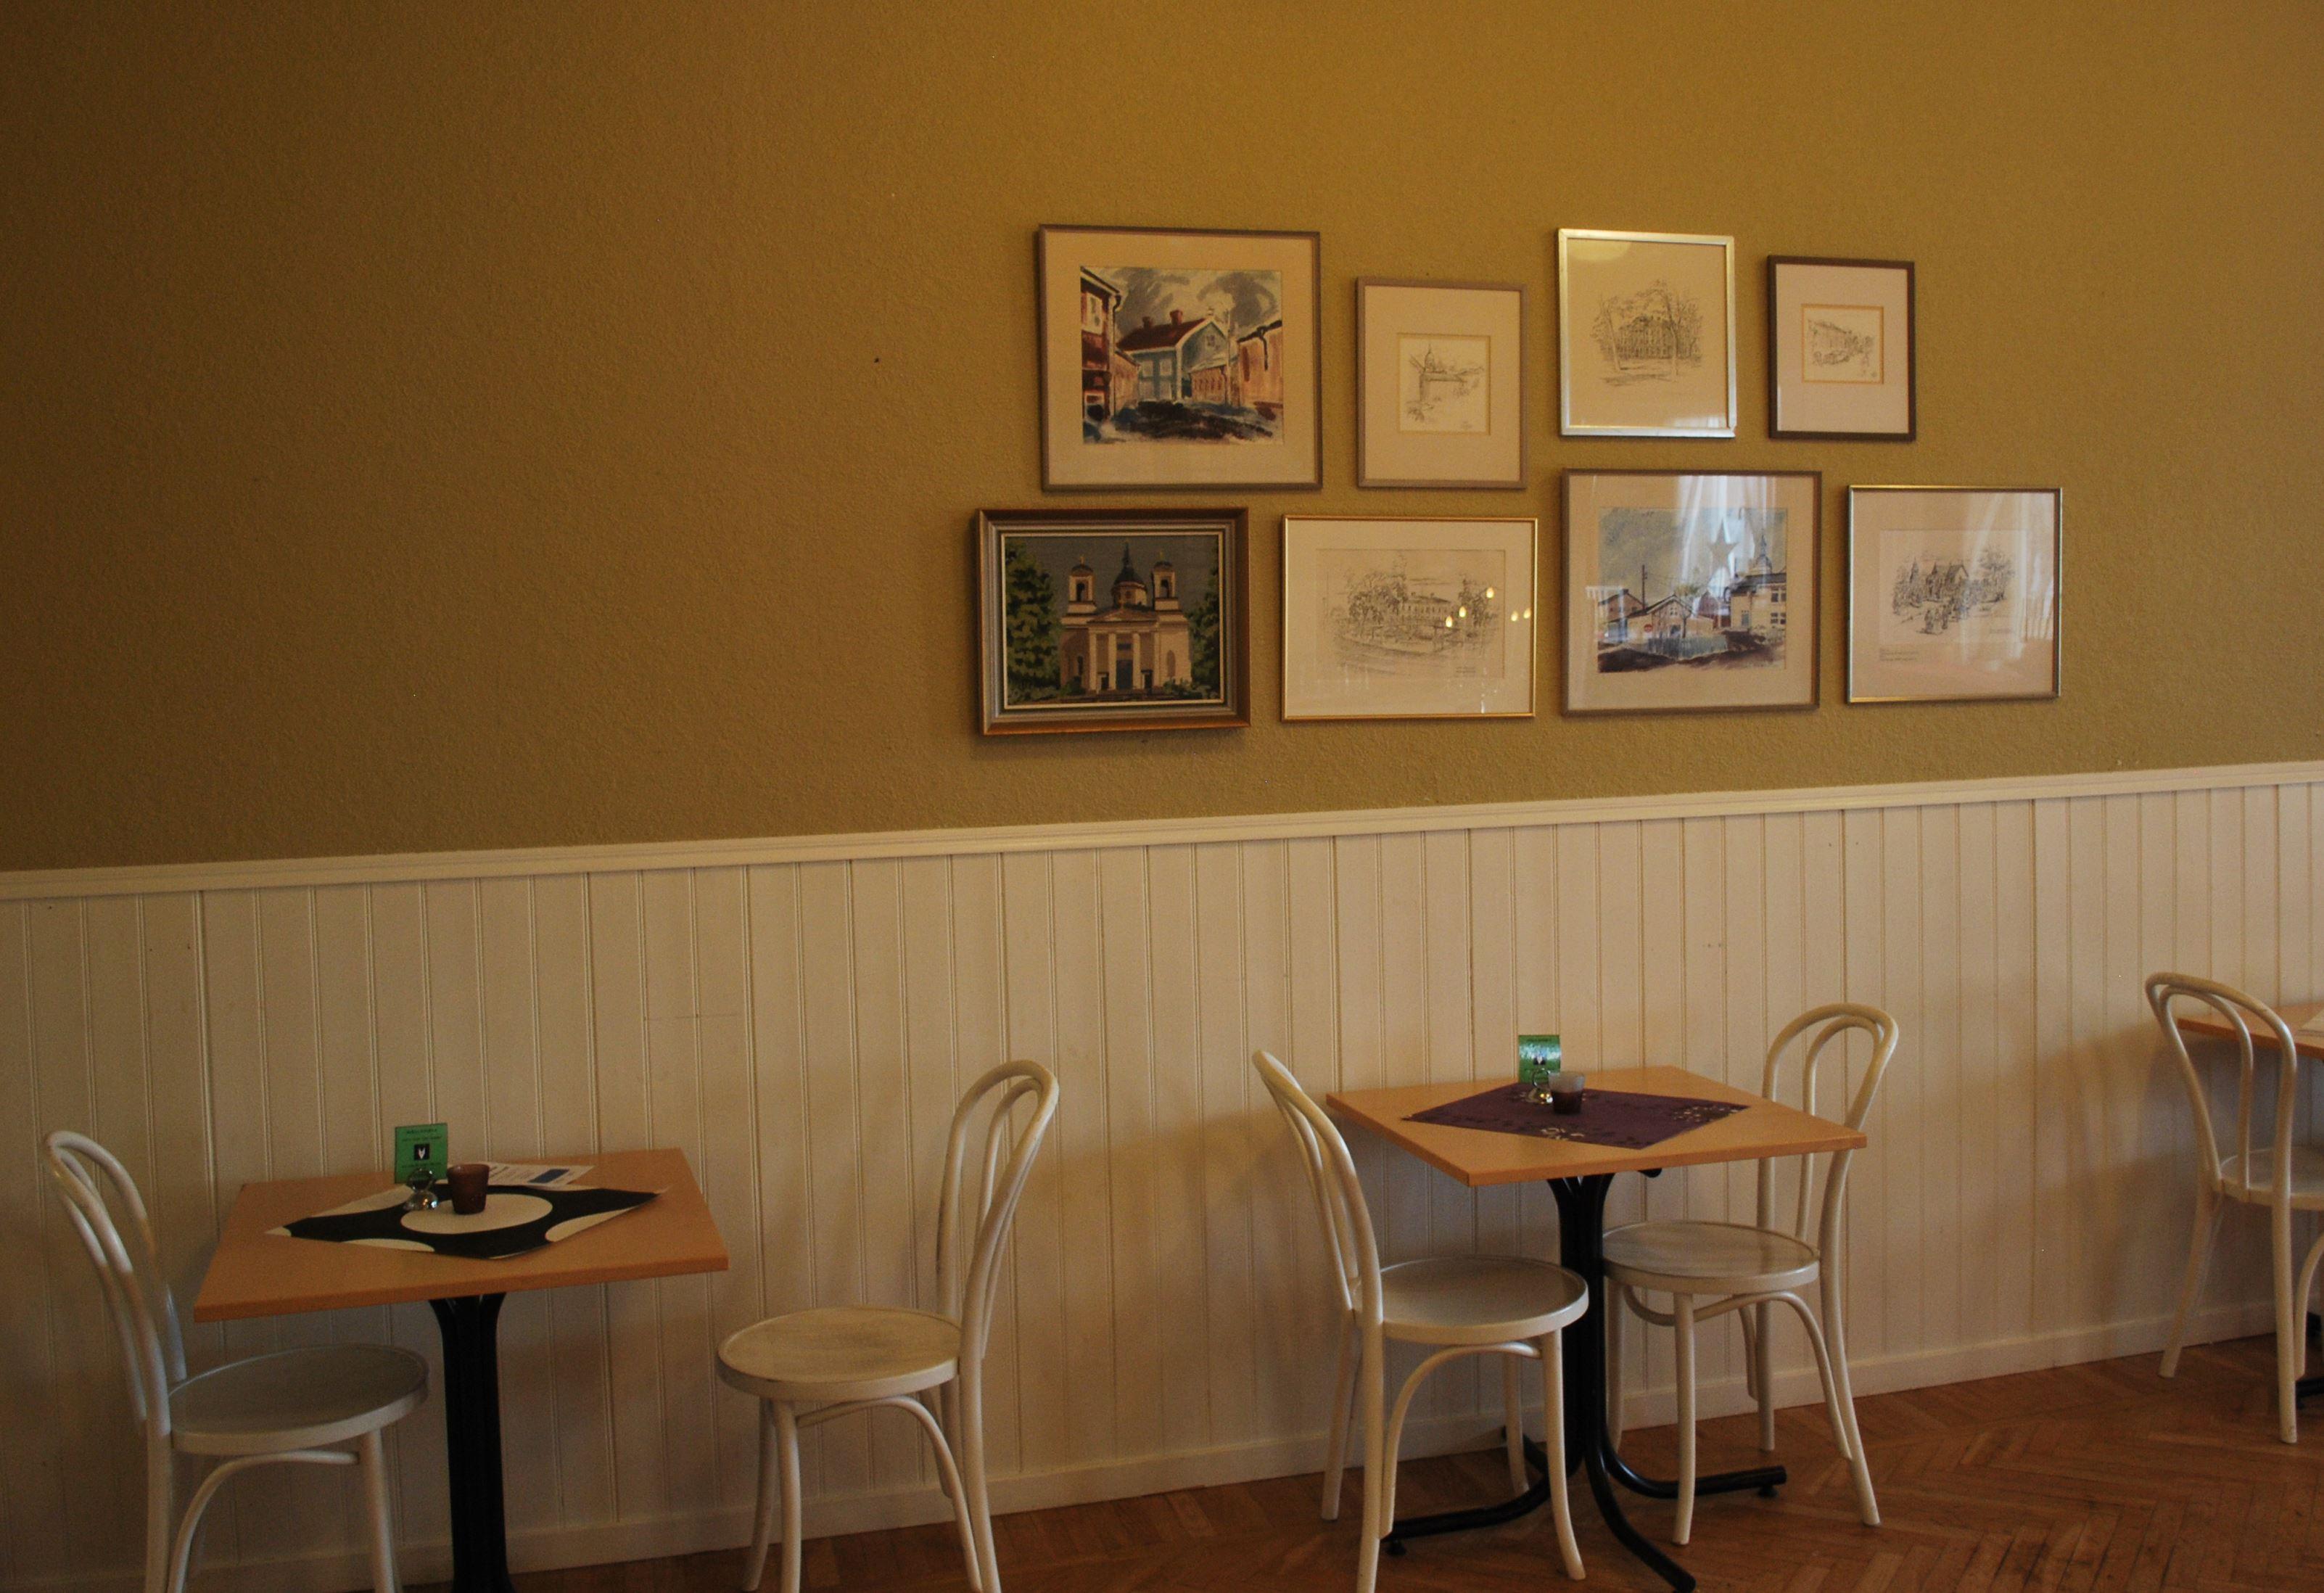 Café Gula Villan